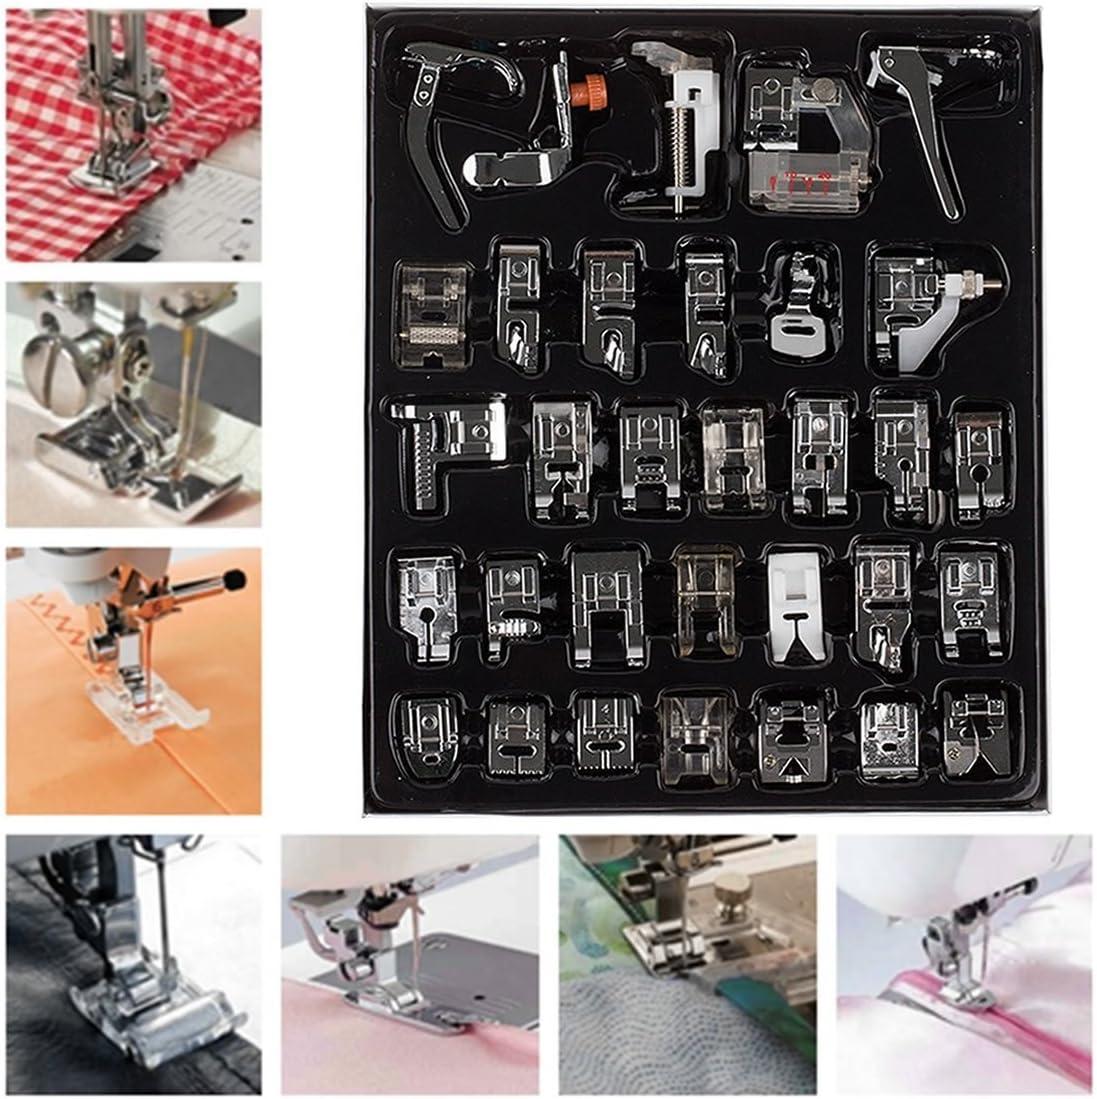 Veewon nacional. Kit de selección de prensatelas para máquina de ...